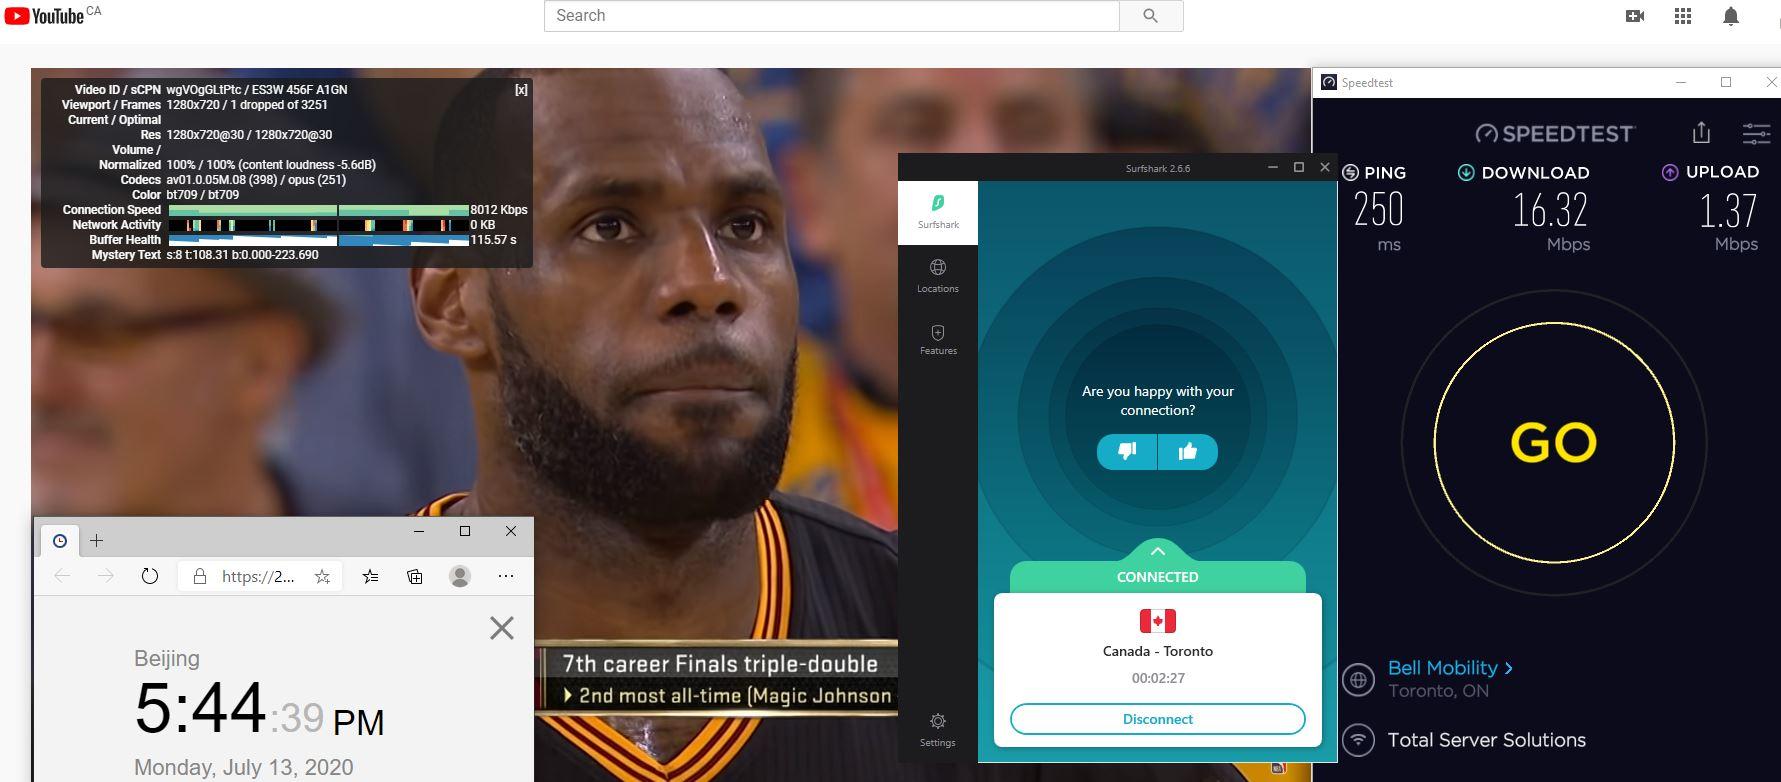 Windows10 SurfsharkVPN Tonroto - Canada 中国VPN 翻墙 科学上网 测速-20200713